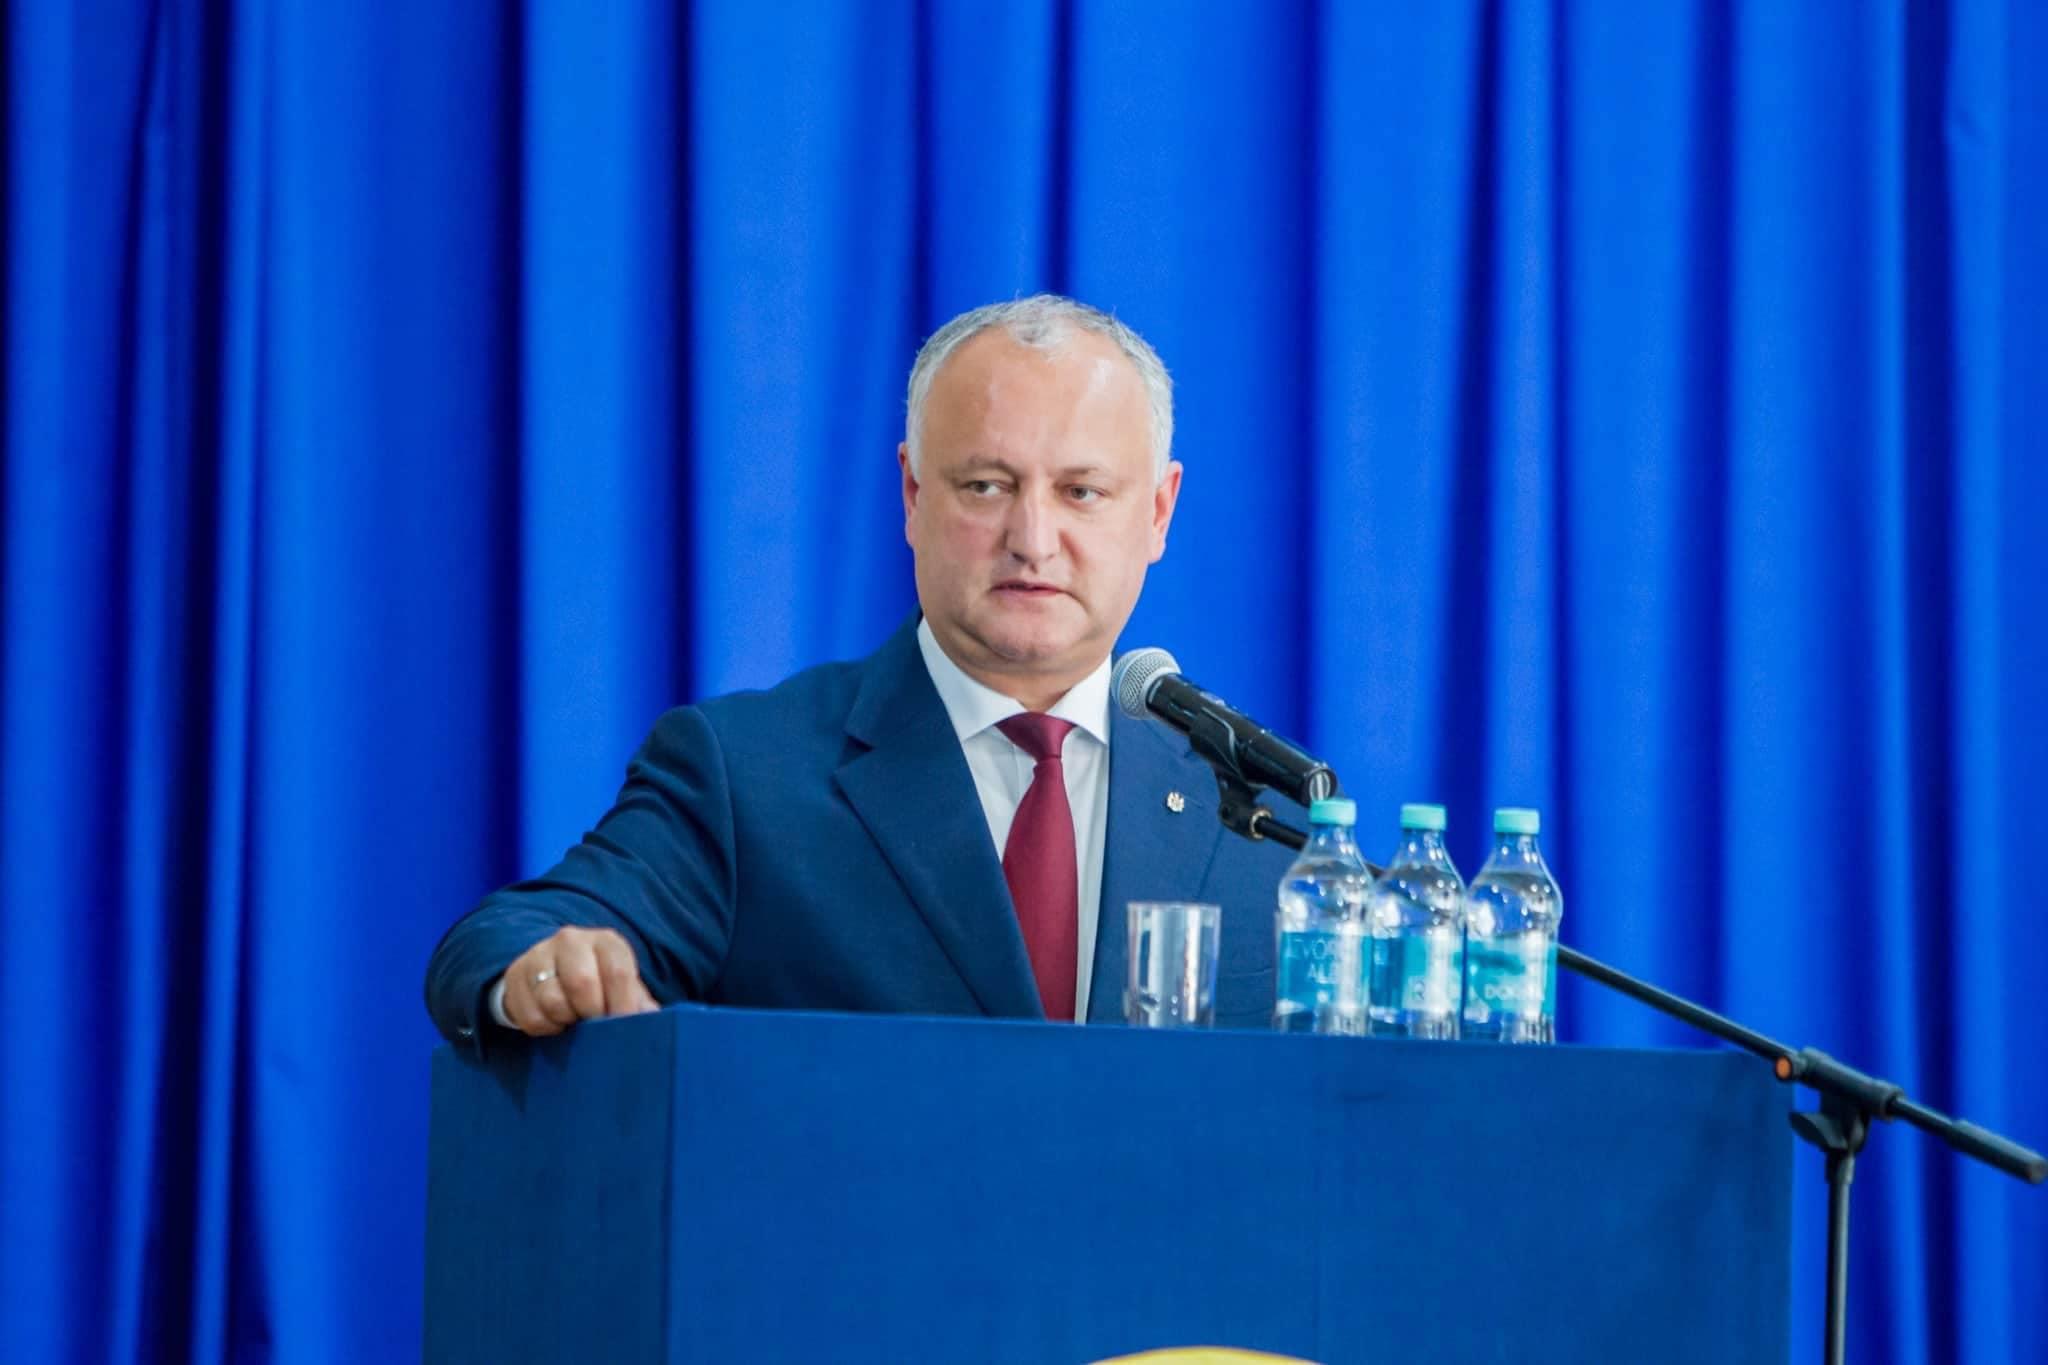 Кишиневскому стекольному заводу – 50! Президент посетил предприятие и наградил сотрудников (ФОТО, ВИДЕО)